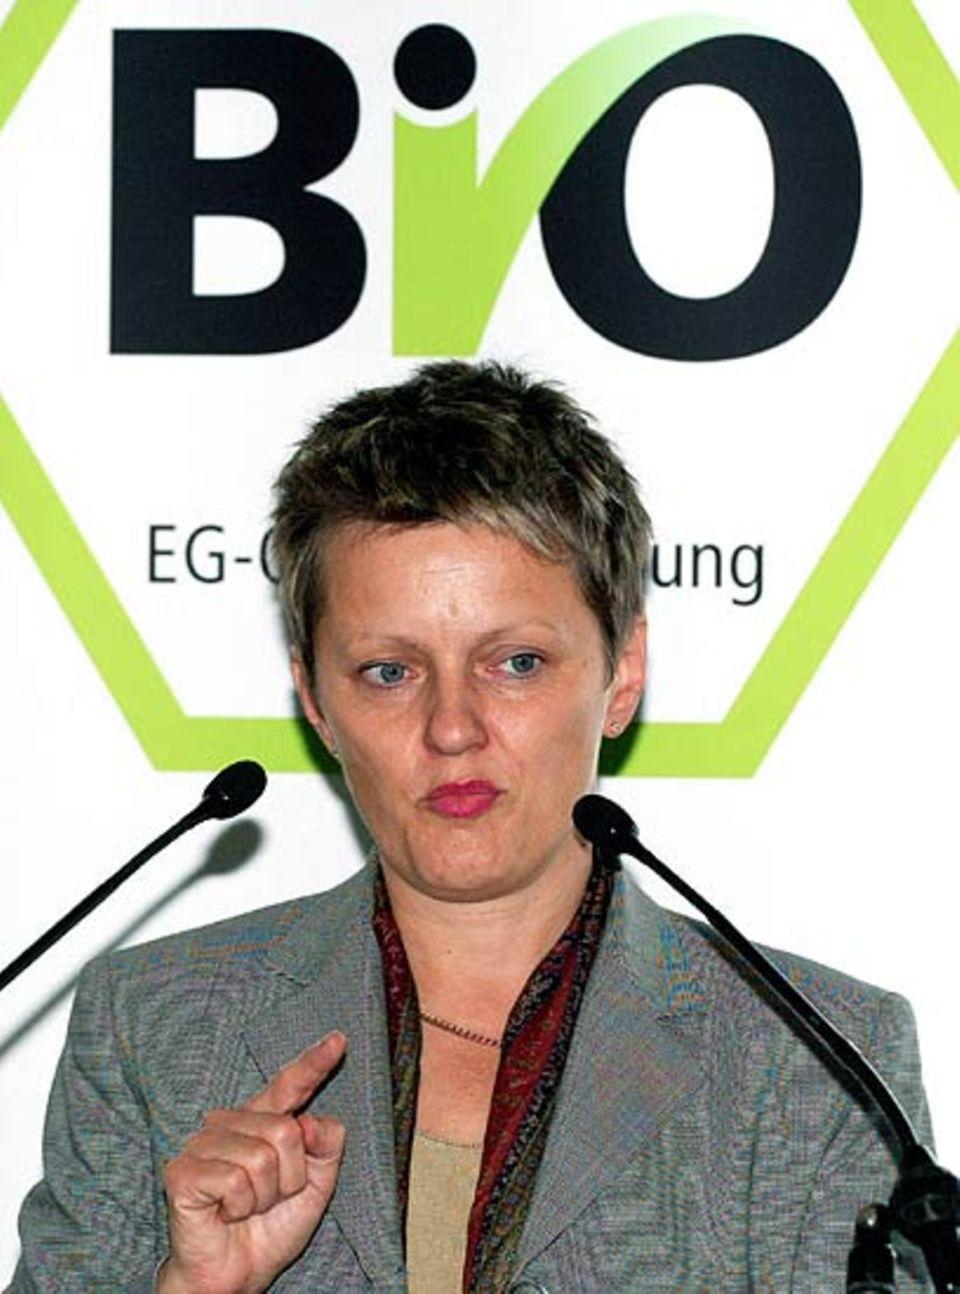 Die Verbraucherschutz-Ministerin Renate Künast. Im Hintergrund: Das europäische Bio-Siegel